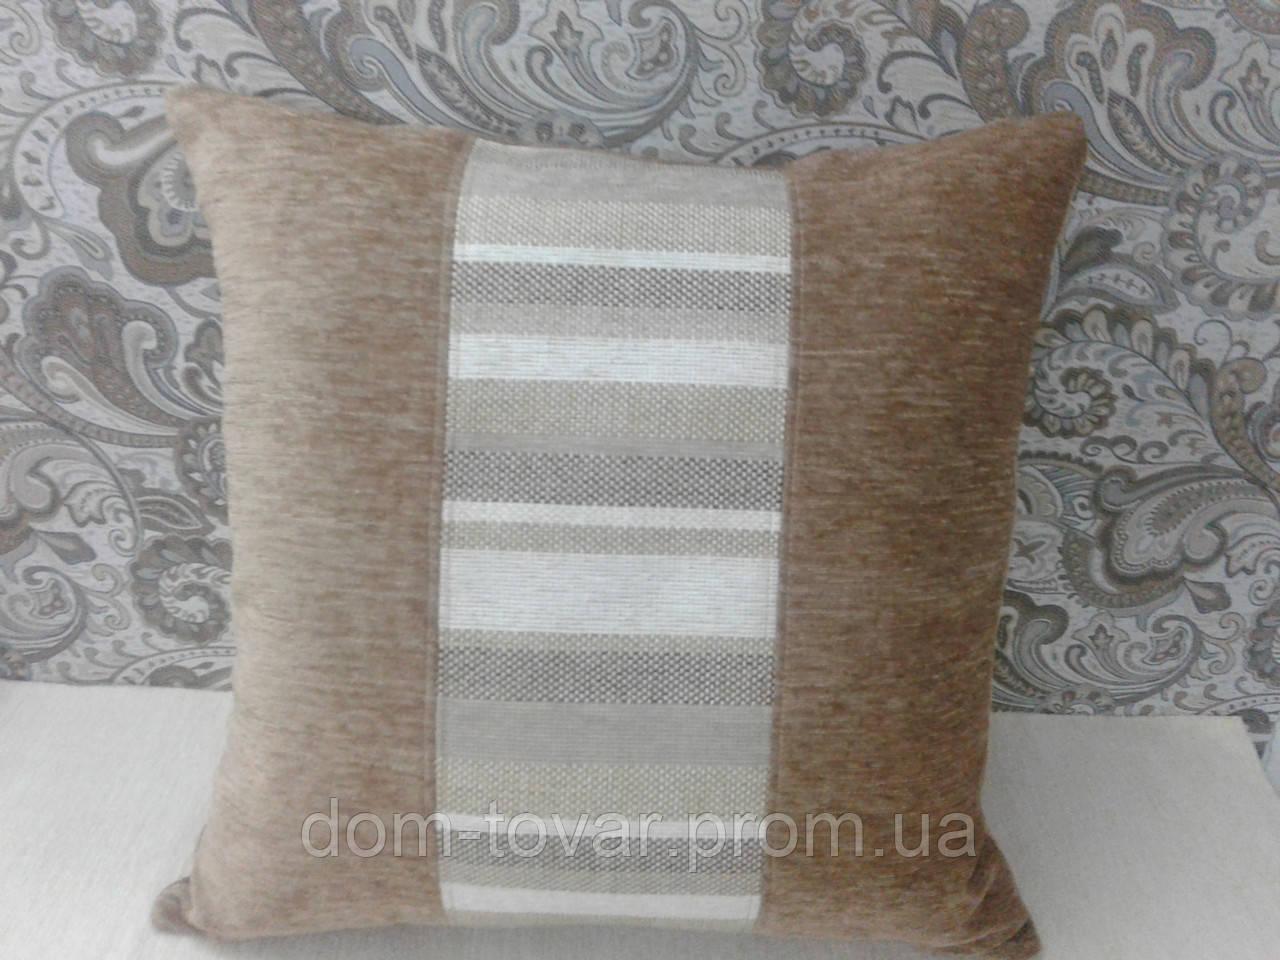 Подушка декоративная со съемным чехлом 50х50